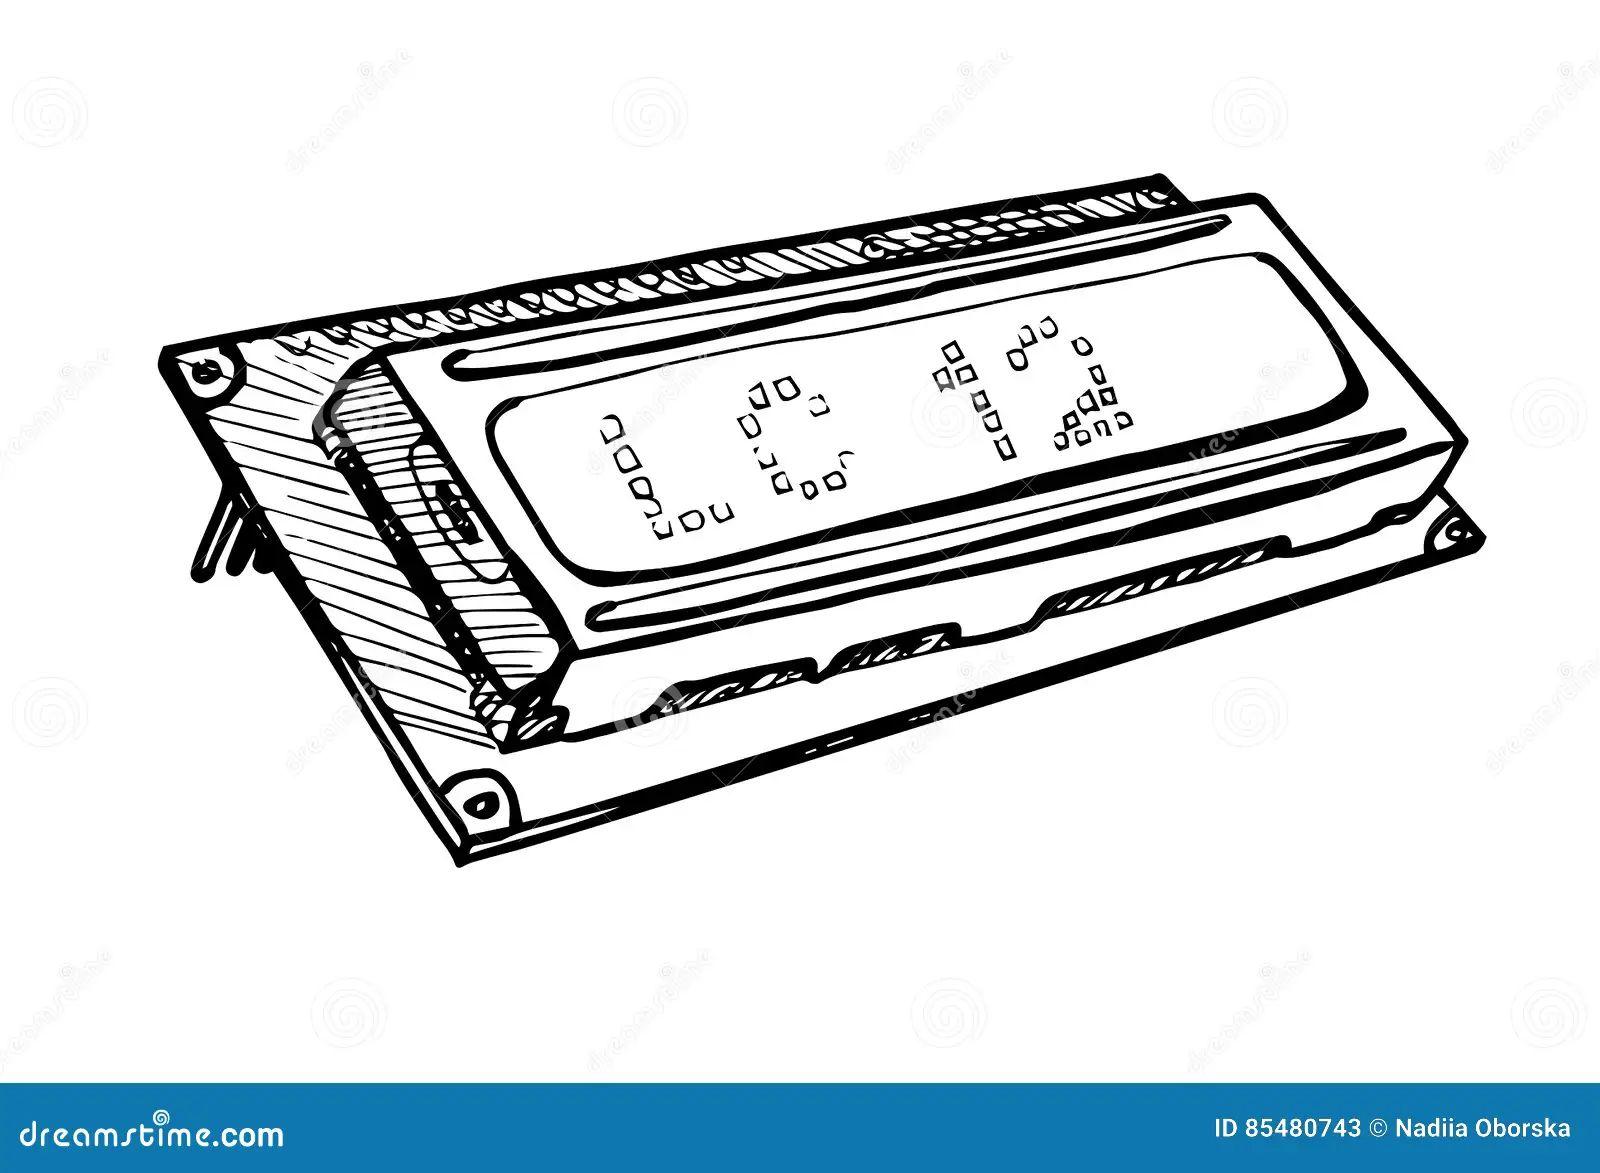 lcd display circuit board